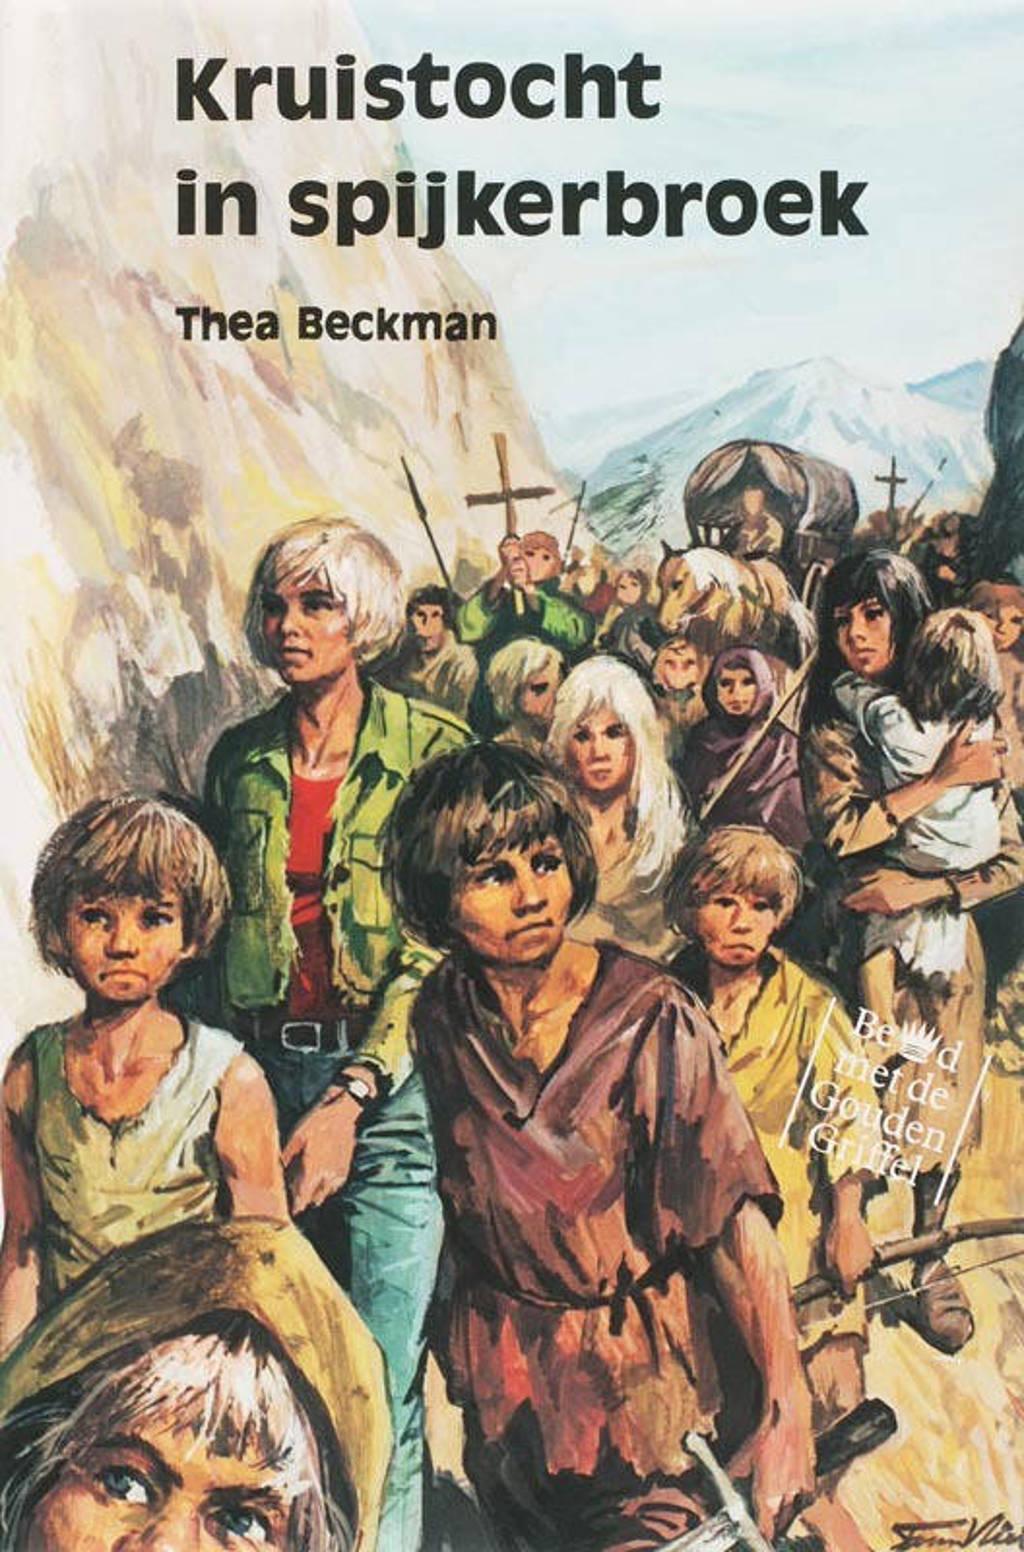 Kruistocht in spijkerbroek - Thea Beckman